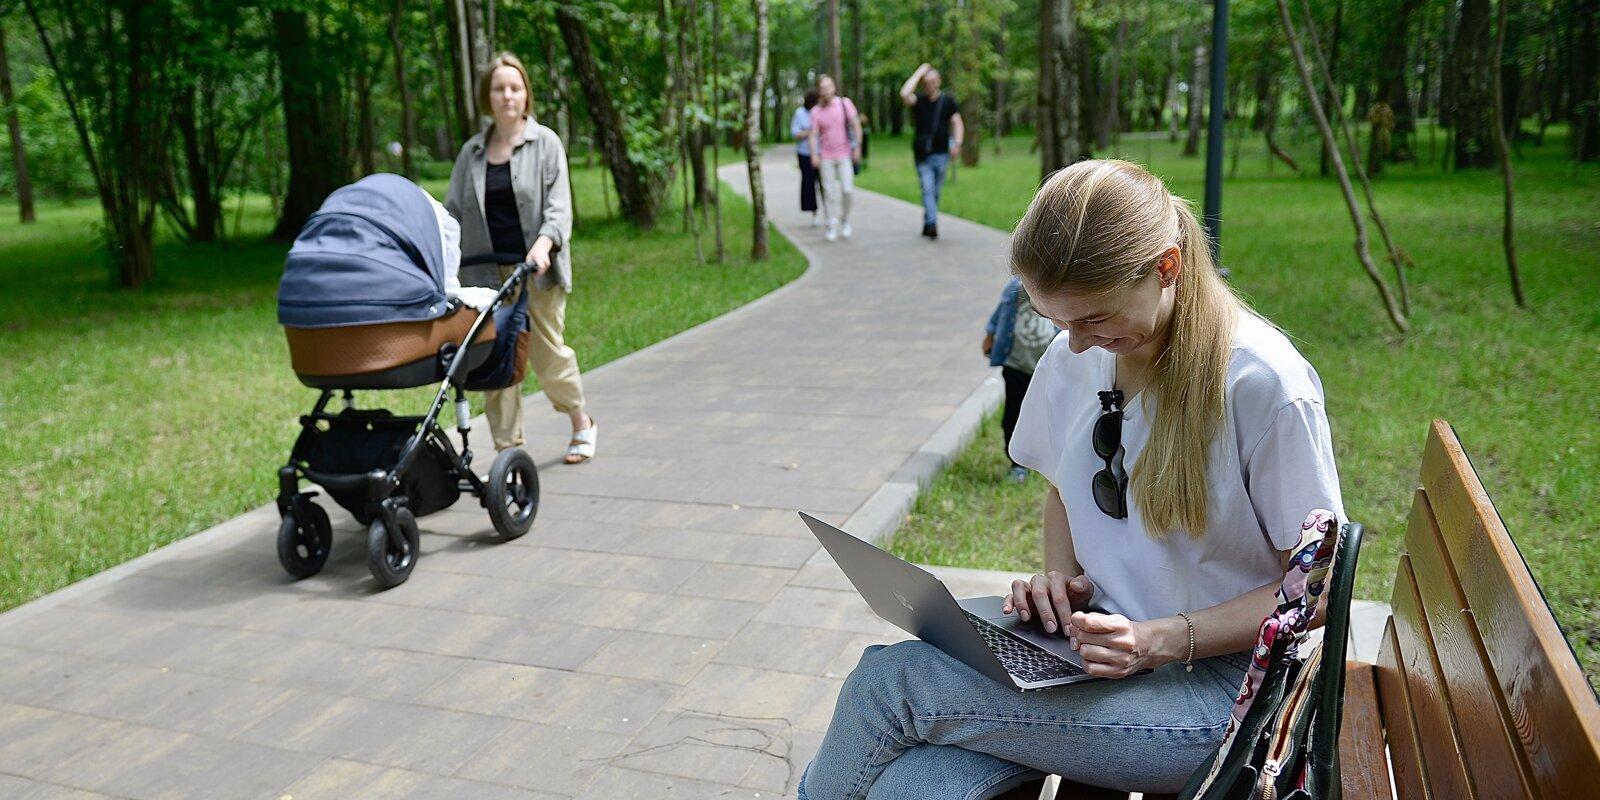 Фото Н. Феоктистова. Пресс-служба Мэра и Правительства Москвы